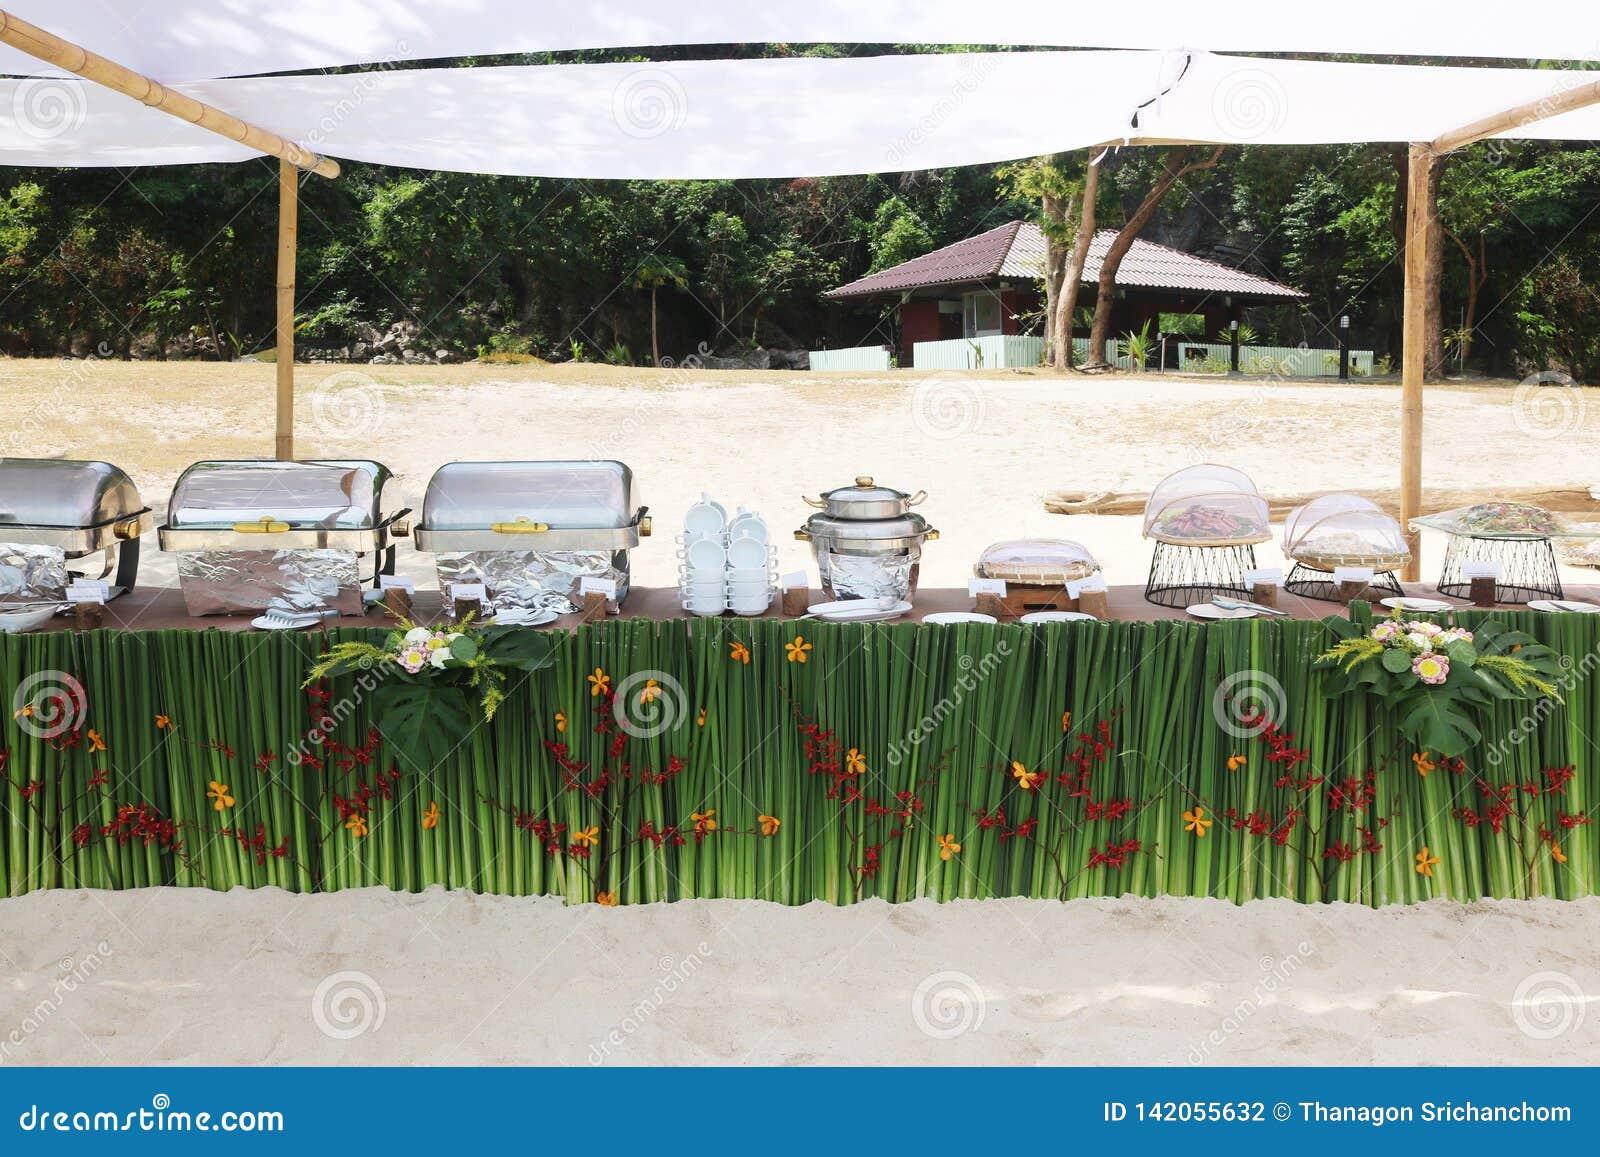 Buffet auf dem Strand, Linie Einrichtung für das Mittagessen an tropischem